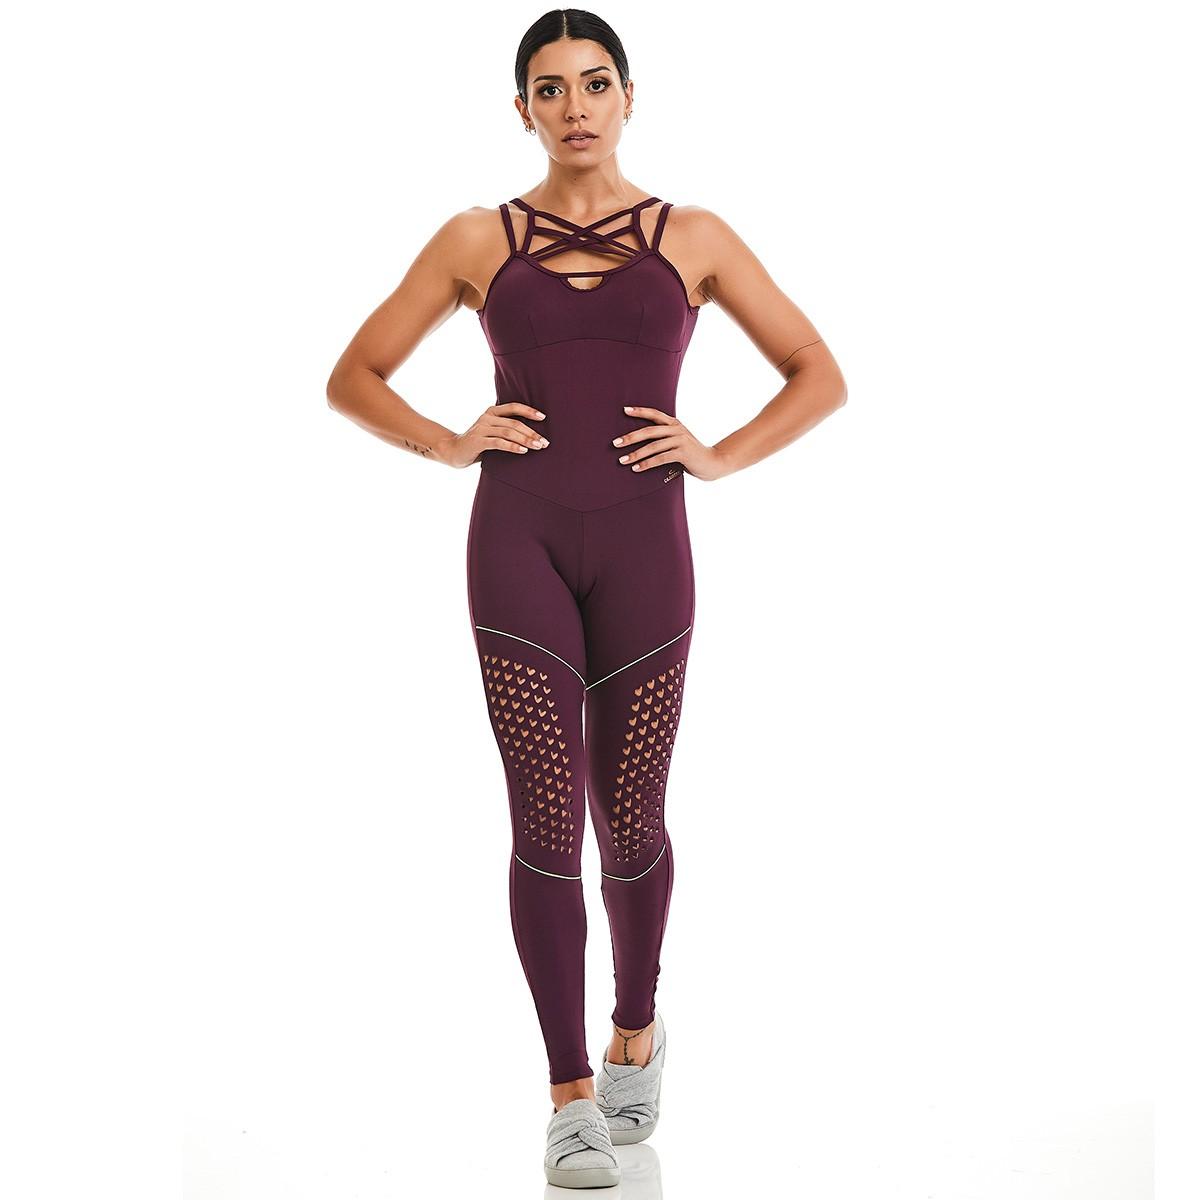 Macacão NZ Laser Paradise Roxo CAJUBRASIL Activewear